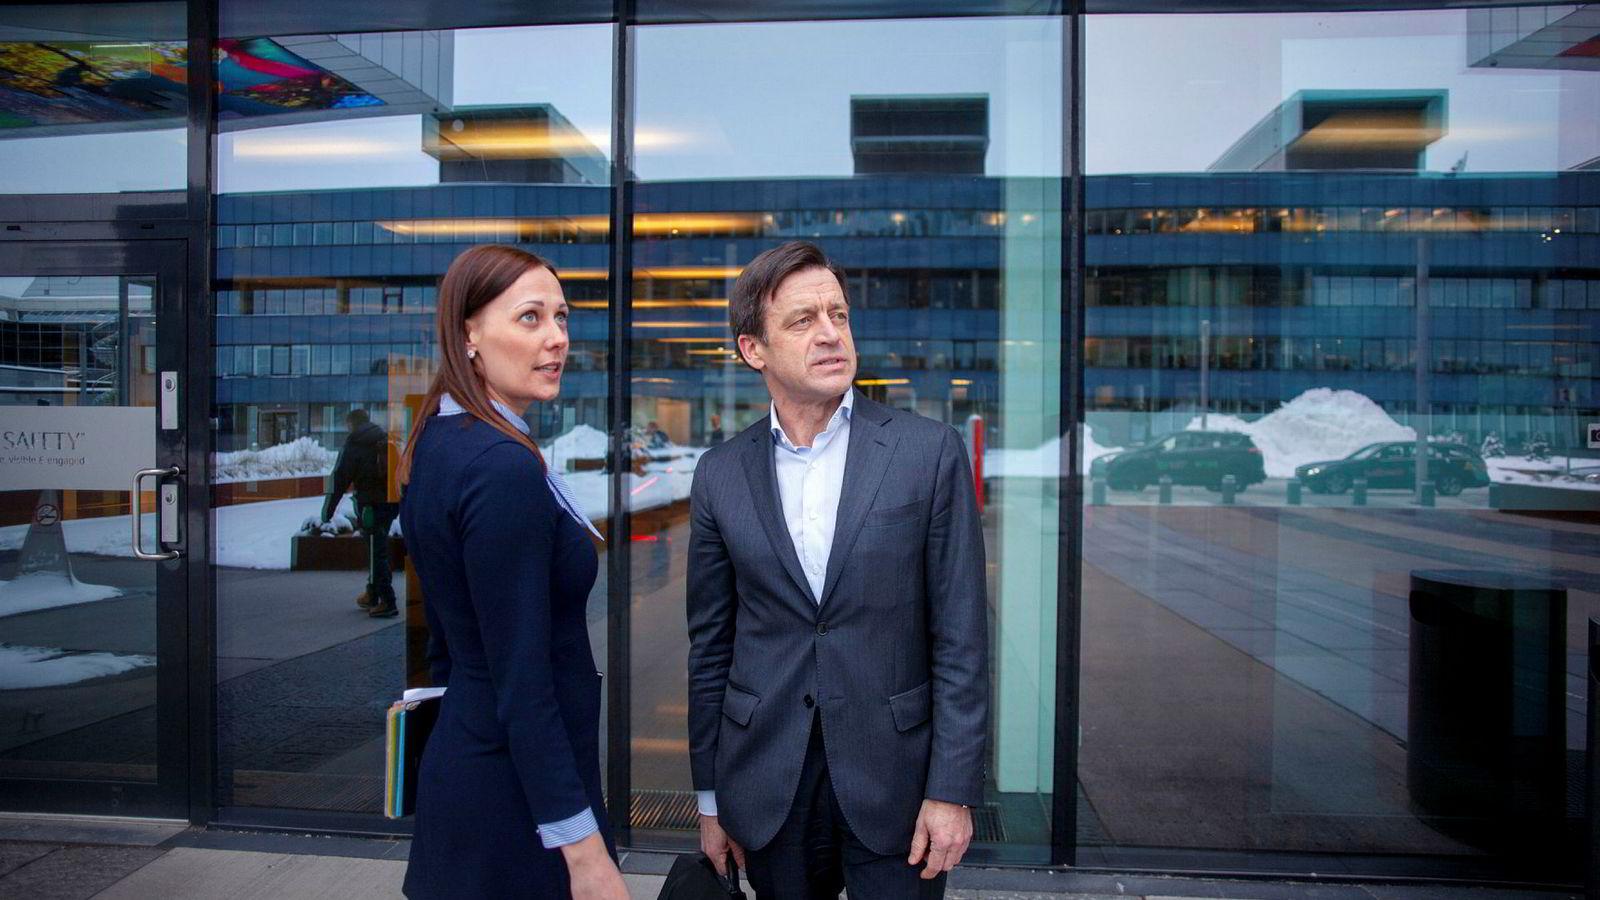 Advokat Hilde Alexandra Grønland Kuburic og Hans Henrik Klouman, juridisk direktør i Equinor, sa i lørdagens DN at de ikke vil gi rammeavtaler til selskaper med få kvinnelige advokatpartnere.